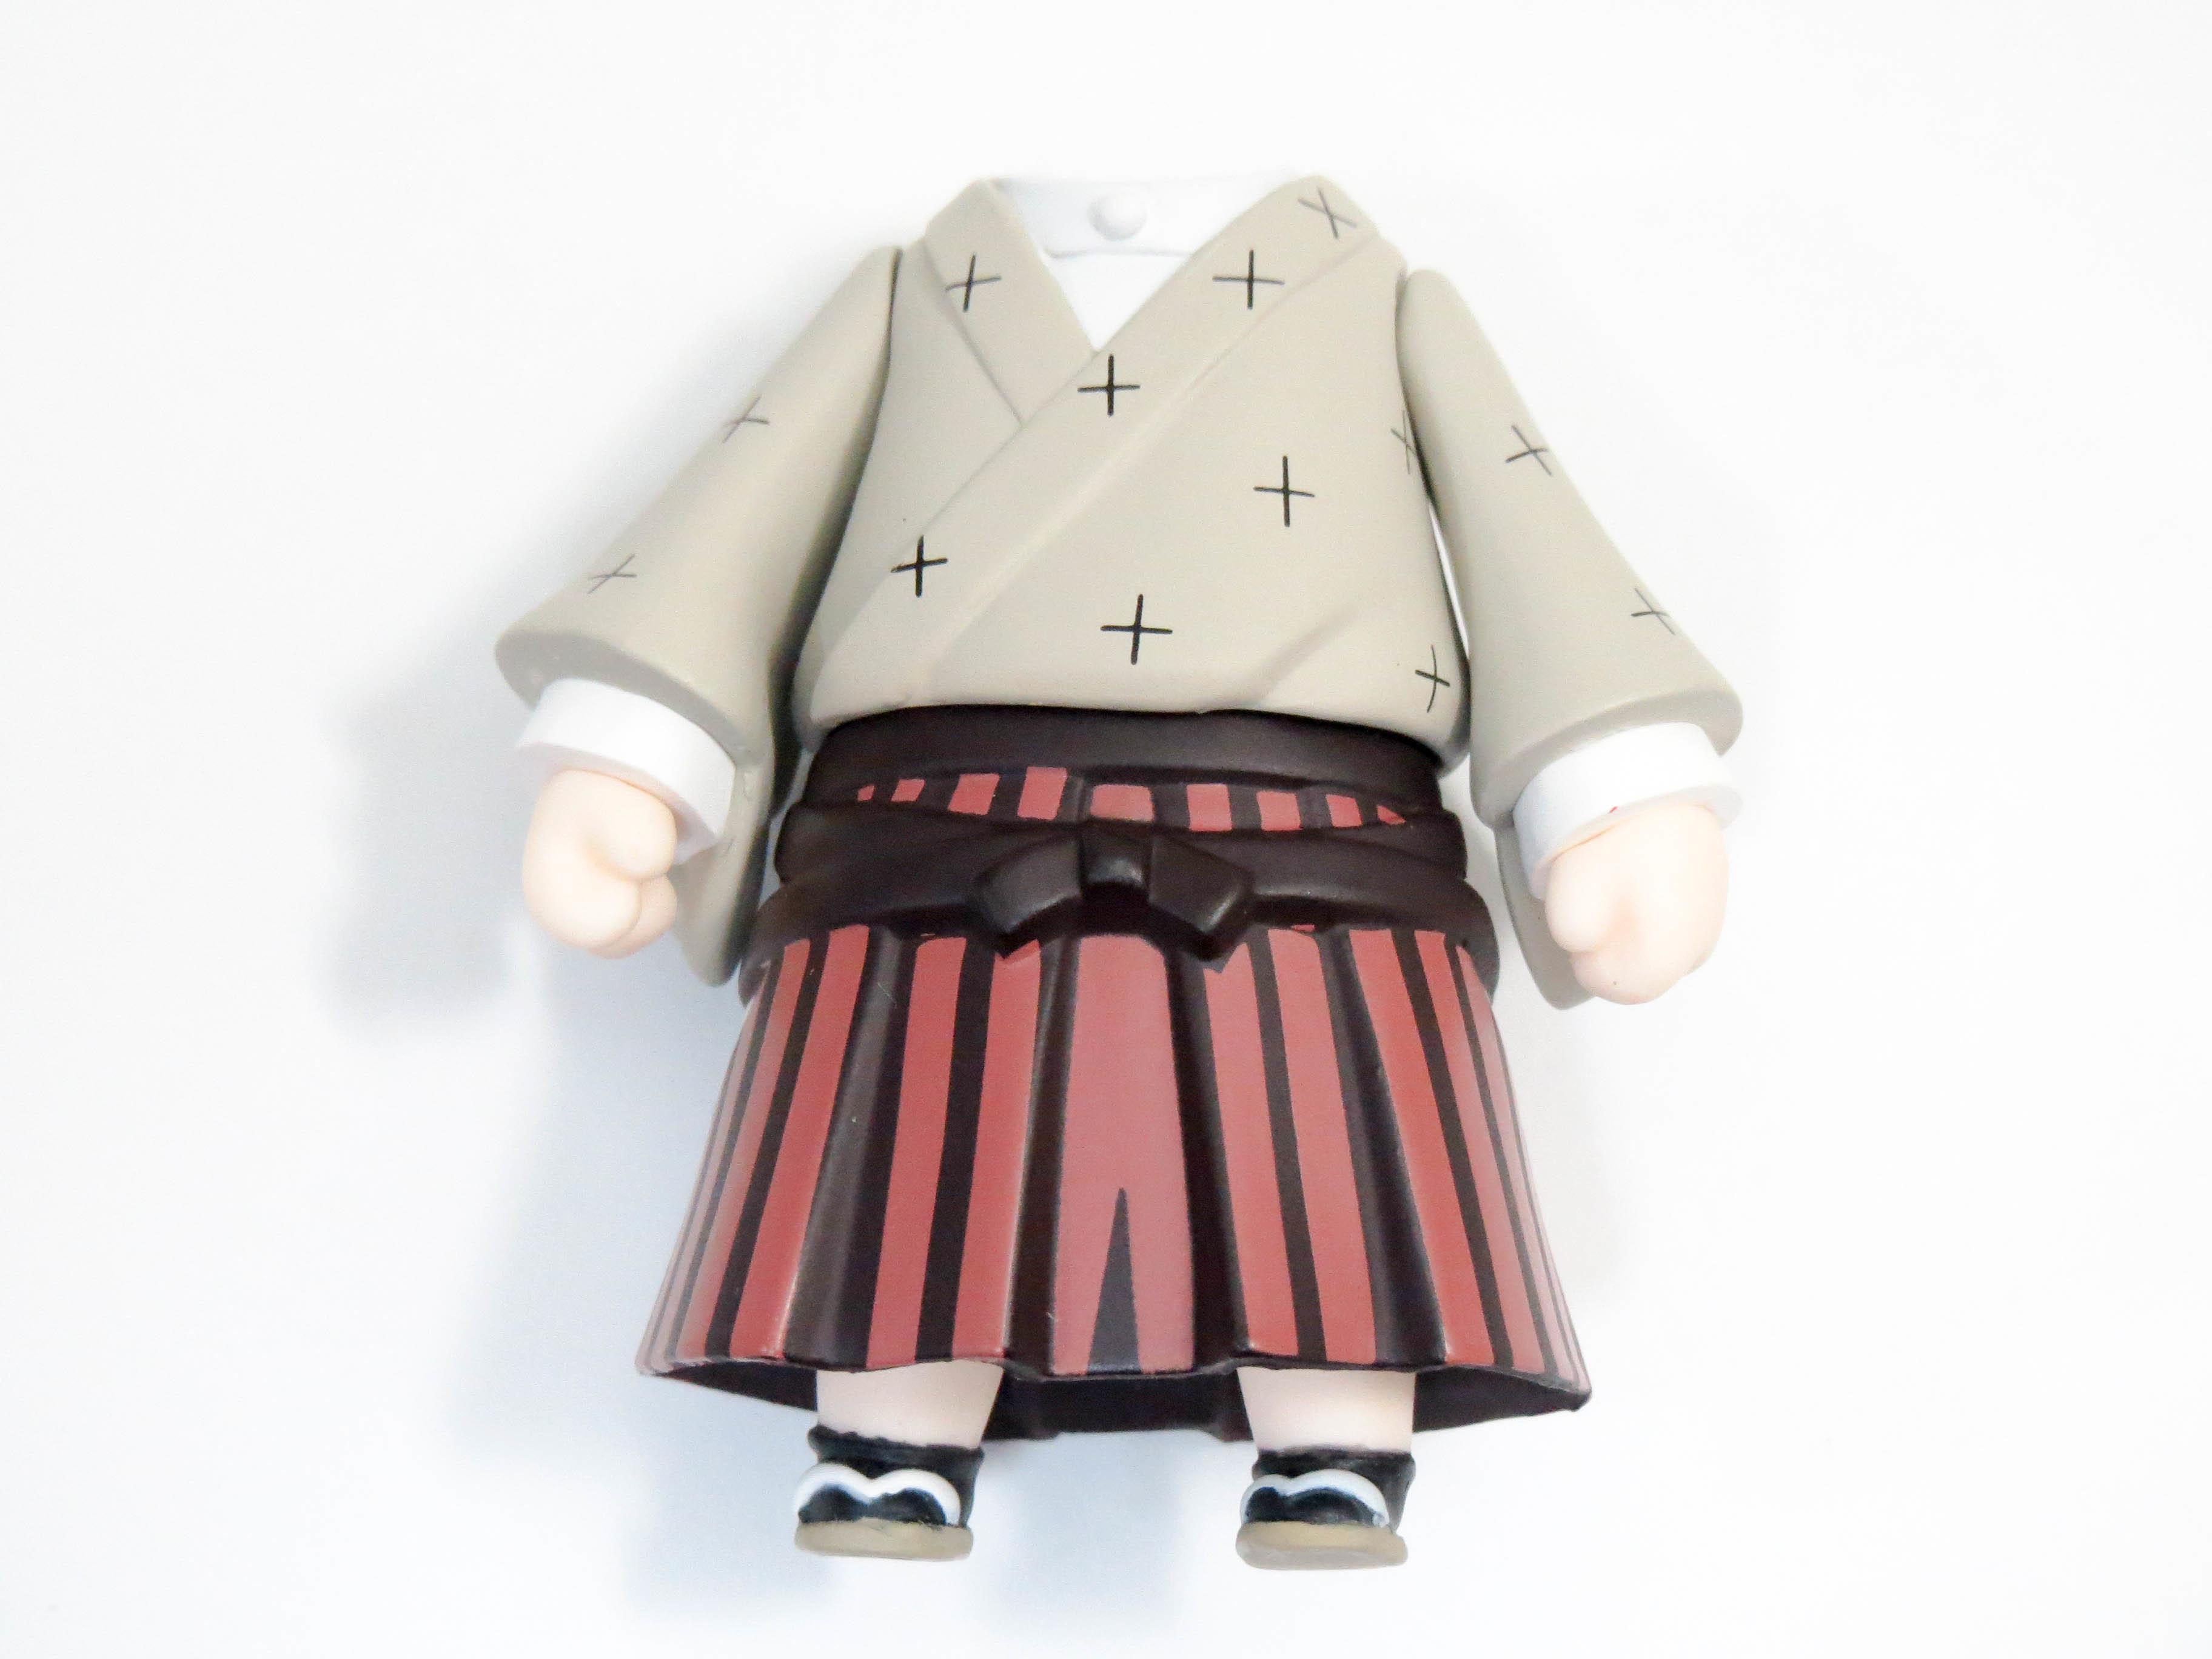 再入荷【342a】 糸色望 1.5 体パーツ 袴 ねんどろいど